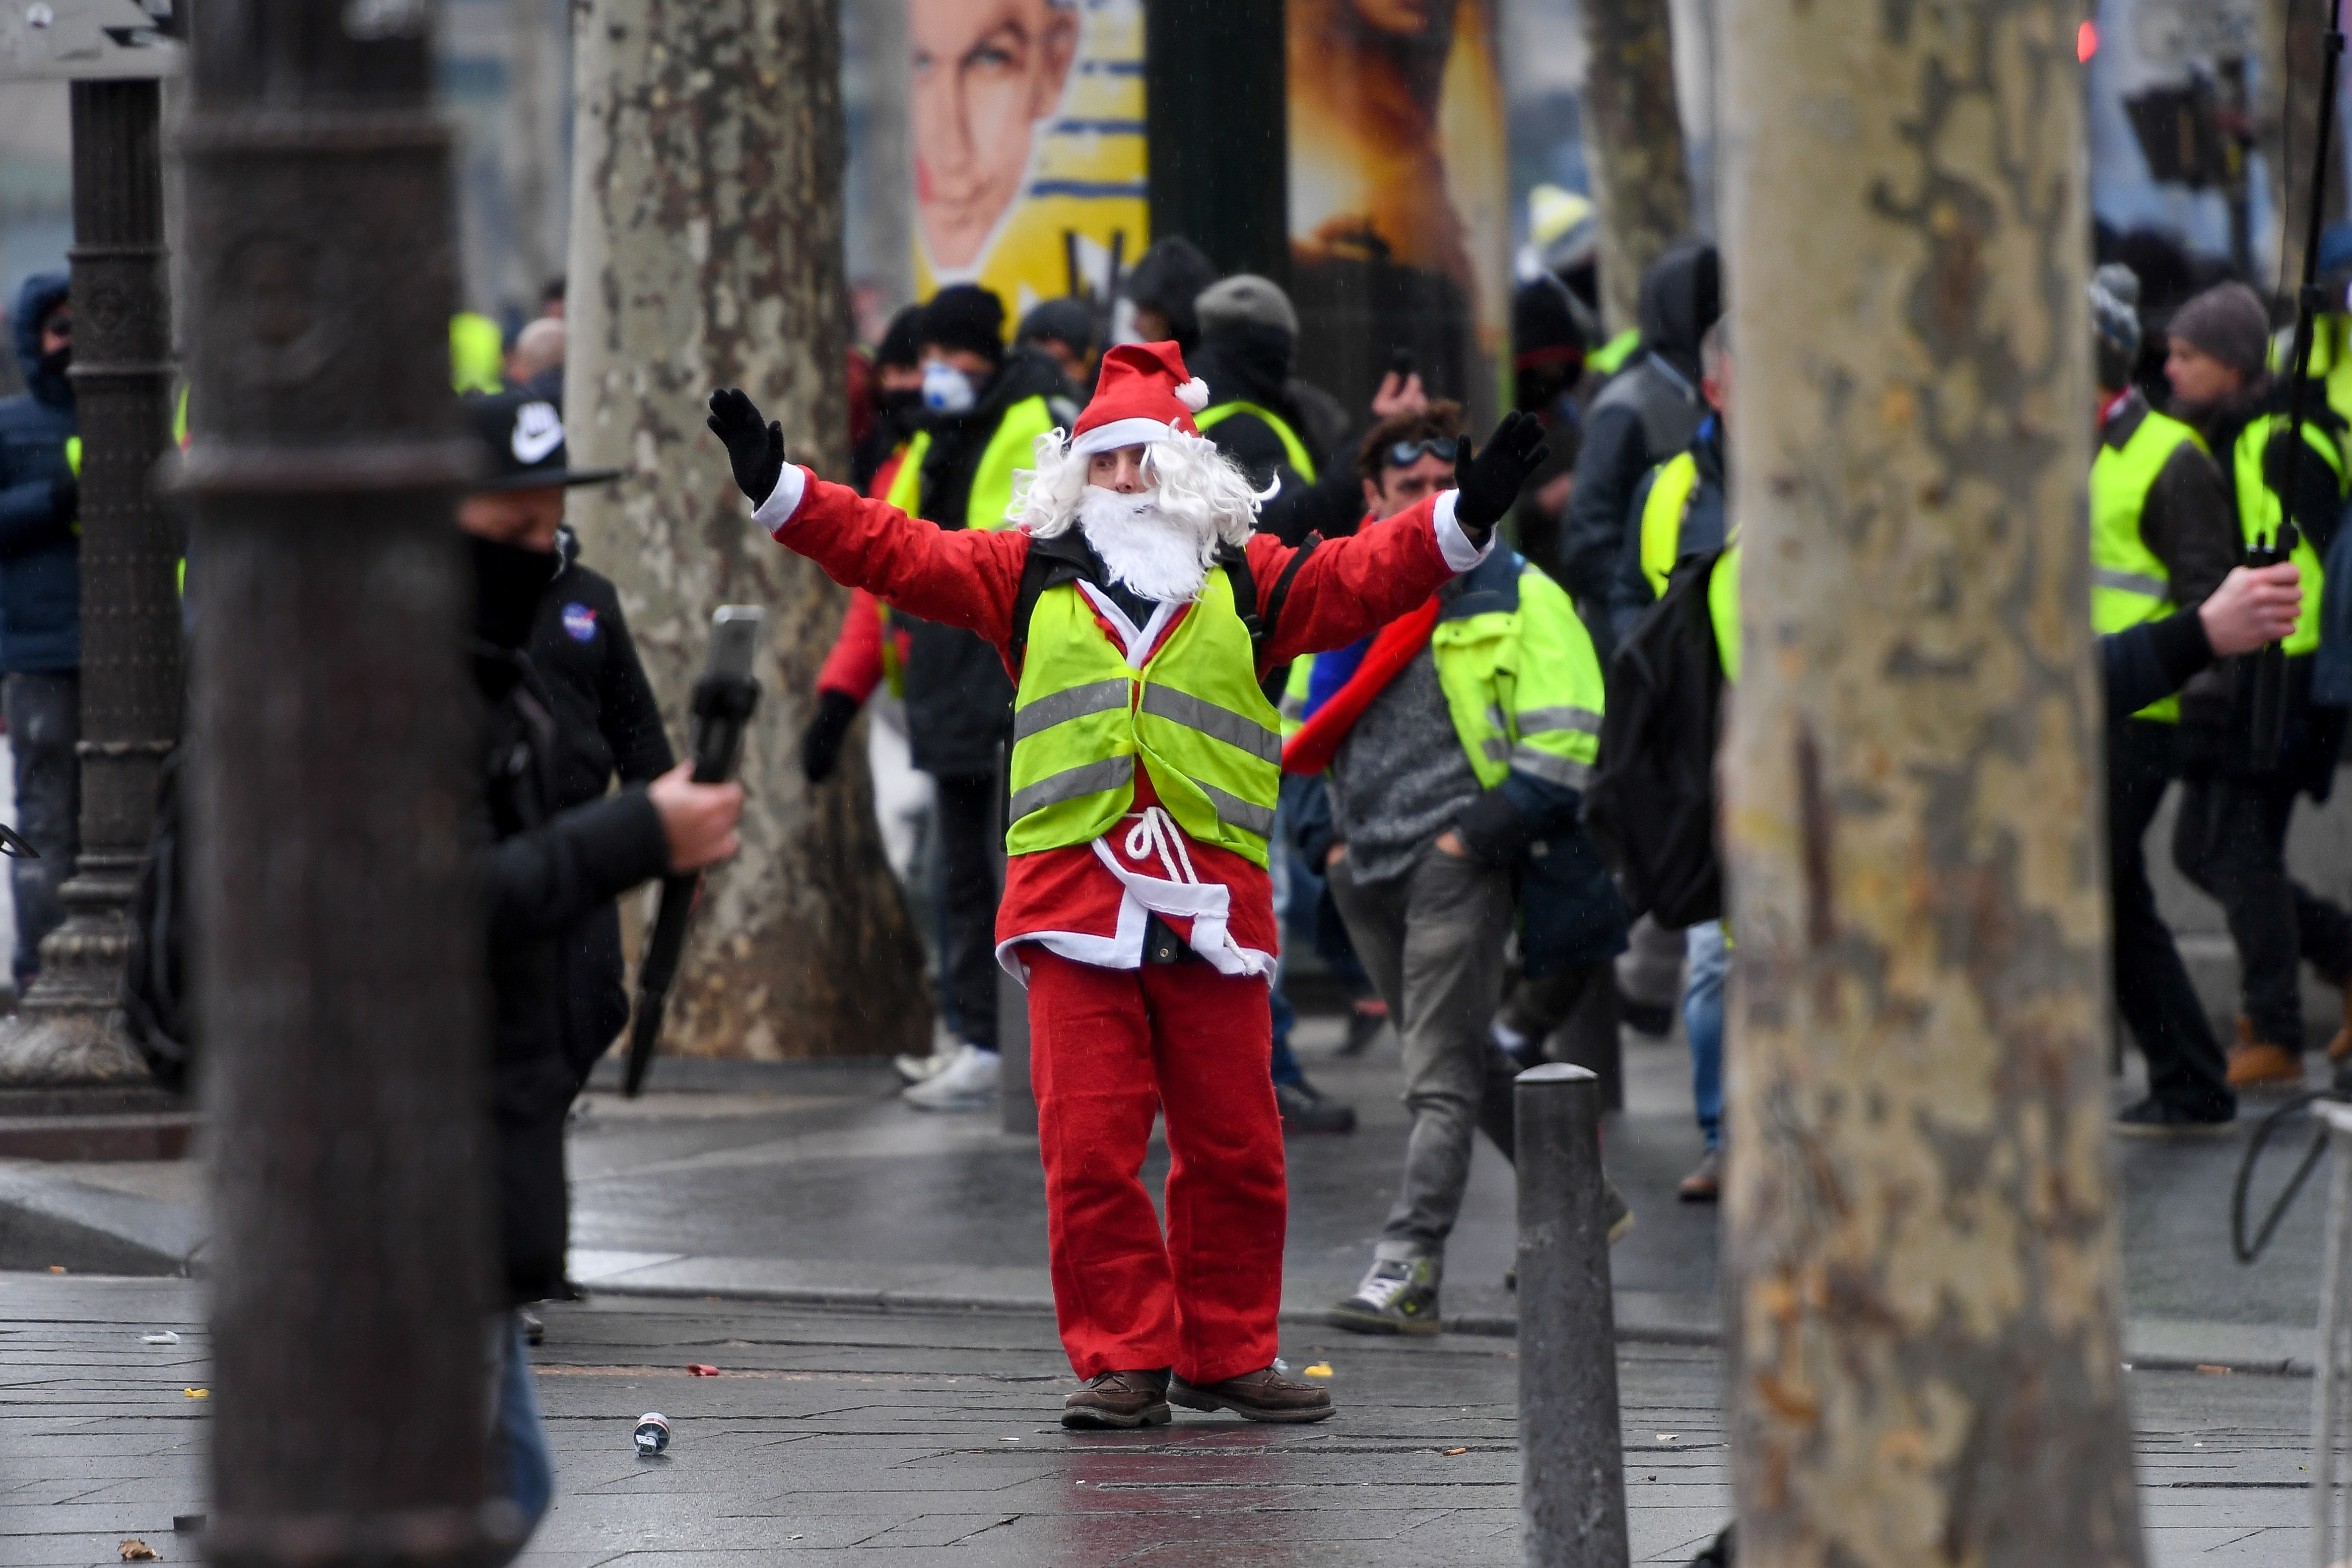 ارتدى عدد من المتظاهرين ملابس بابا نويل منددين بغلاء المعيشة